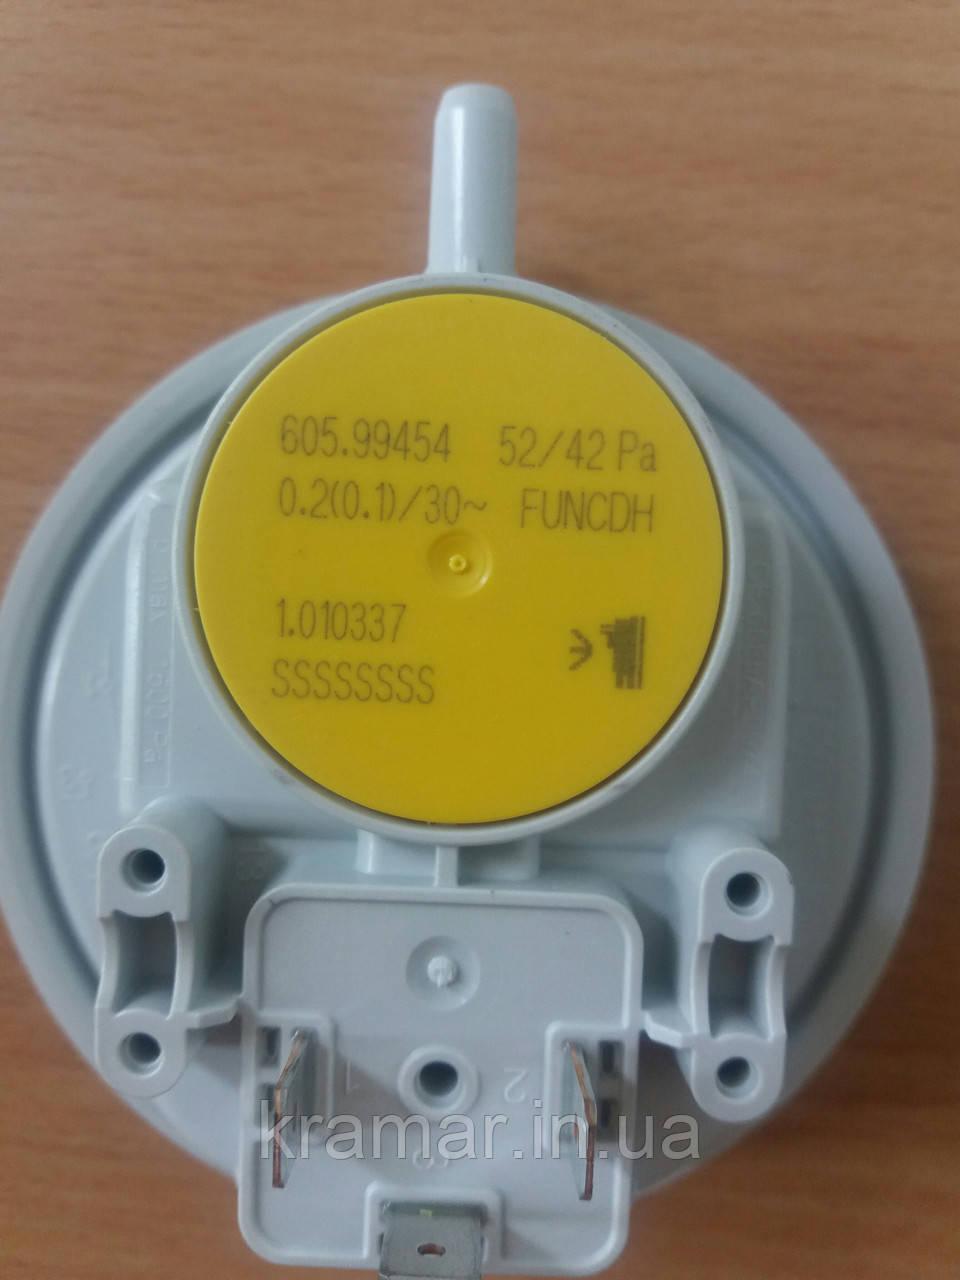 Реле давления дыма 52 / 42 PА (прессостат) 1.010337